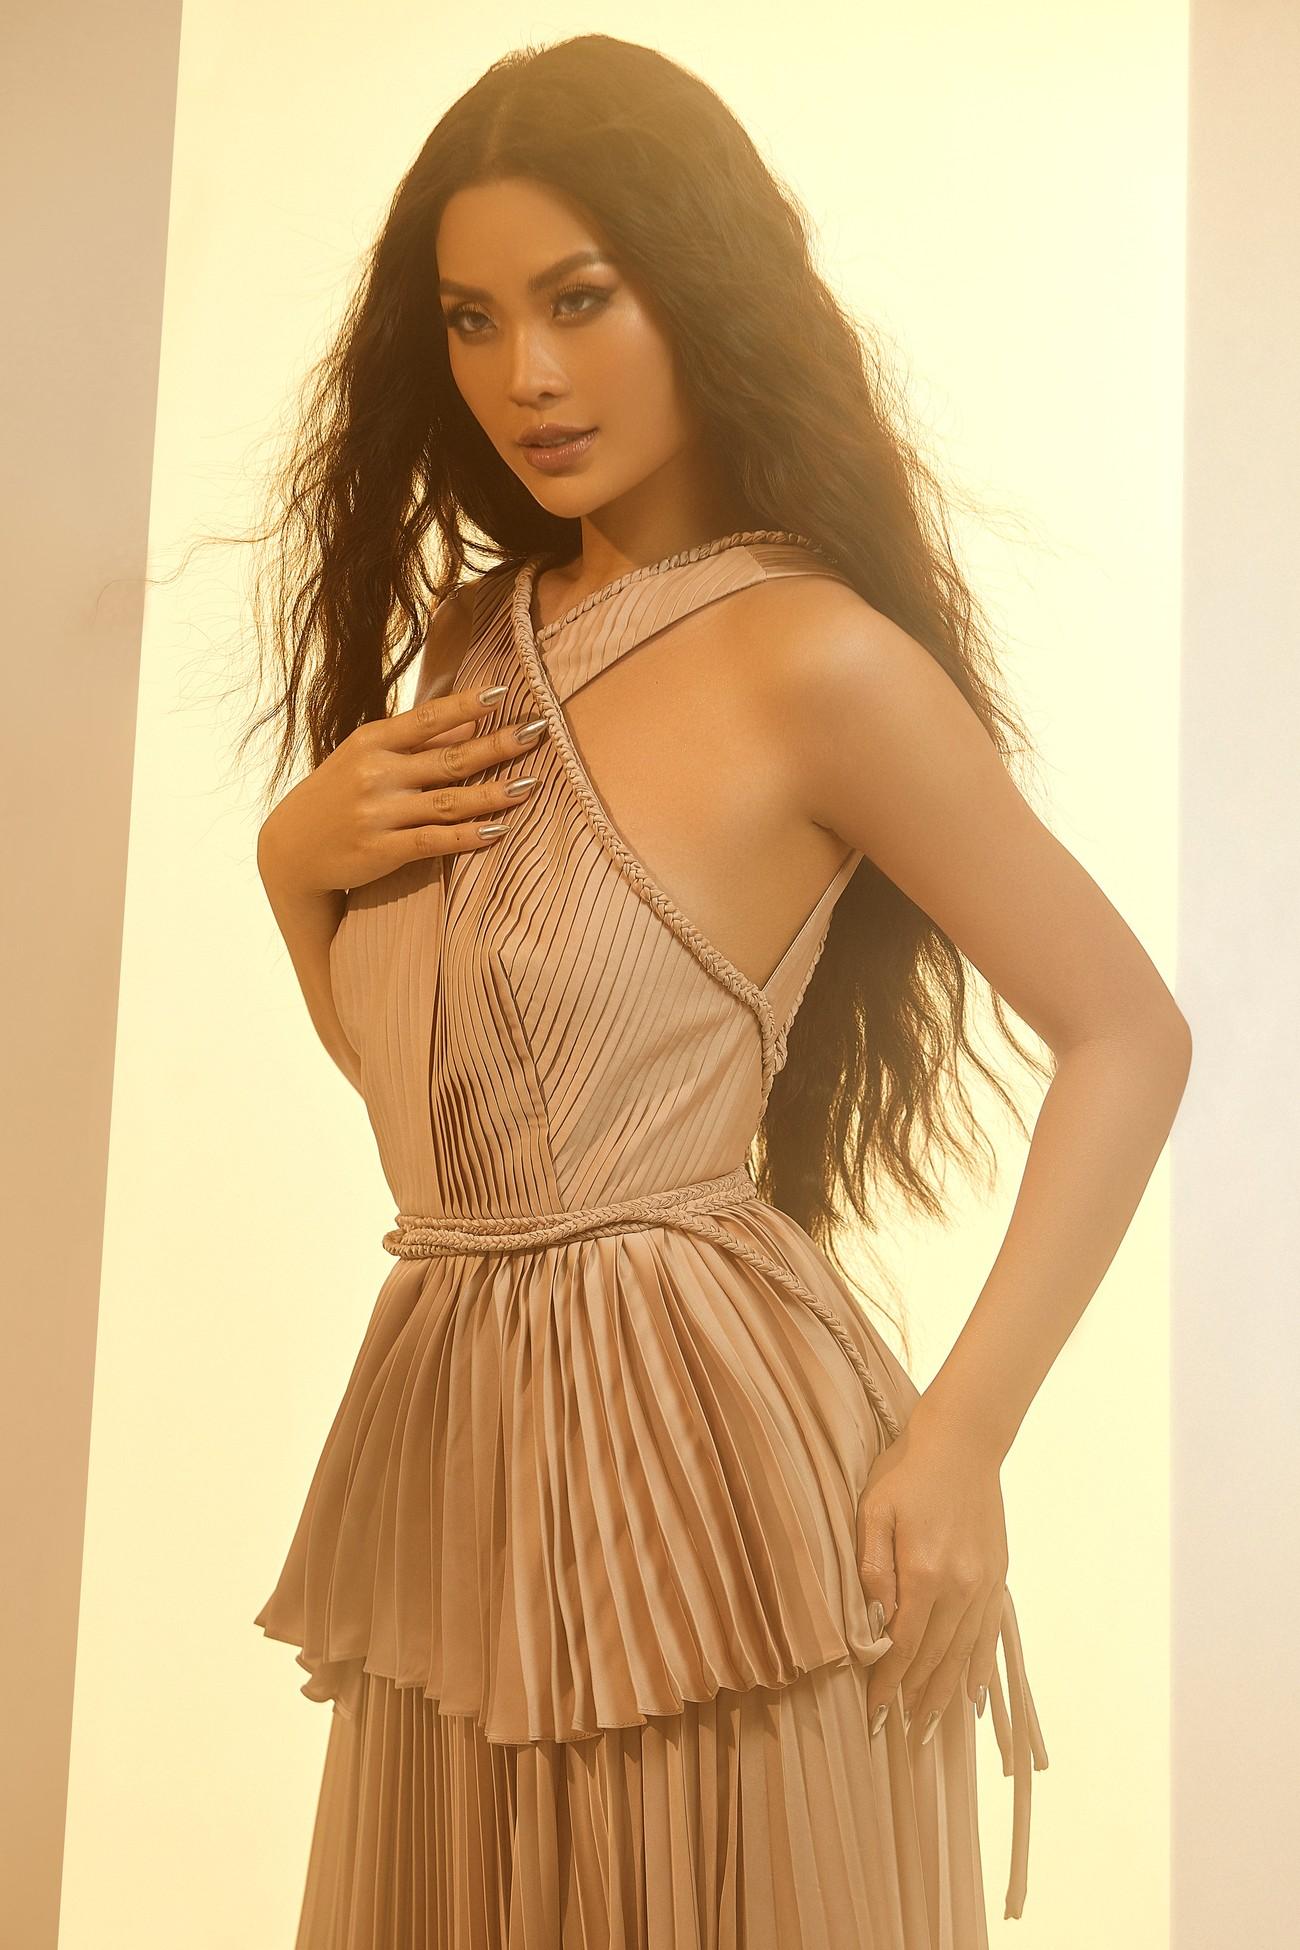 Nhan sắc các người đẹp giành giải 'Gương mặt đẹp nhất' tại Hoa hậu Việt Nam giờ ra sao? ảnh 11